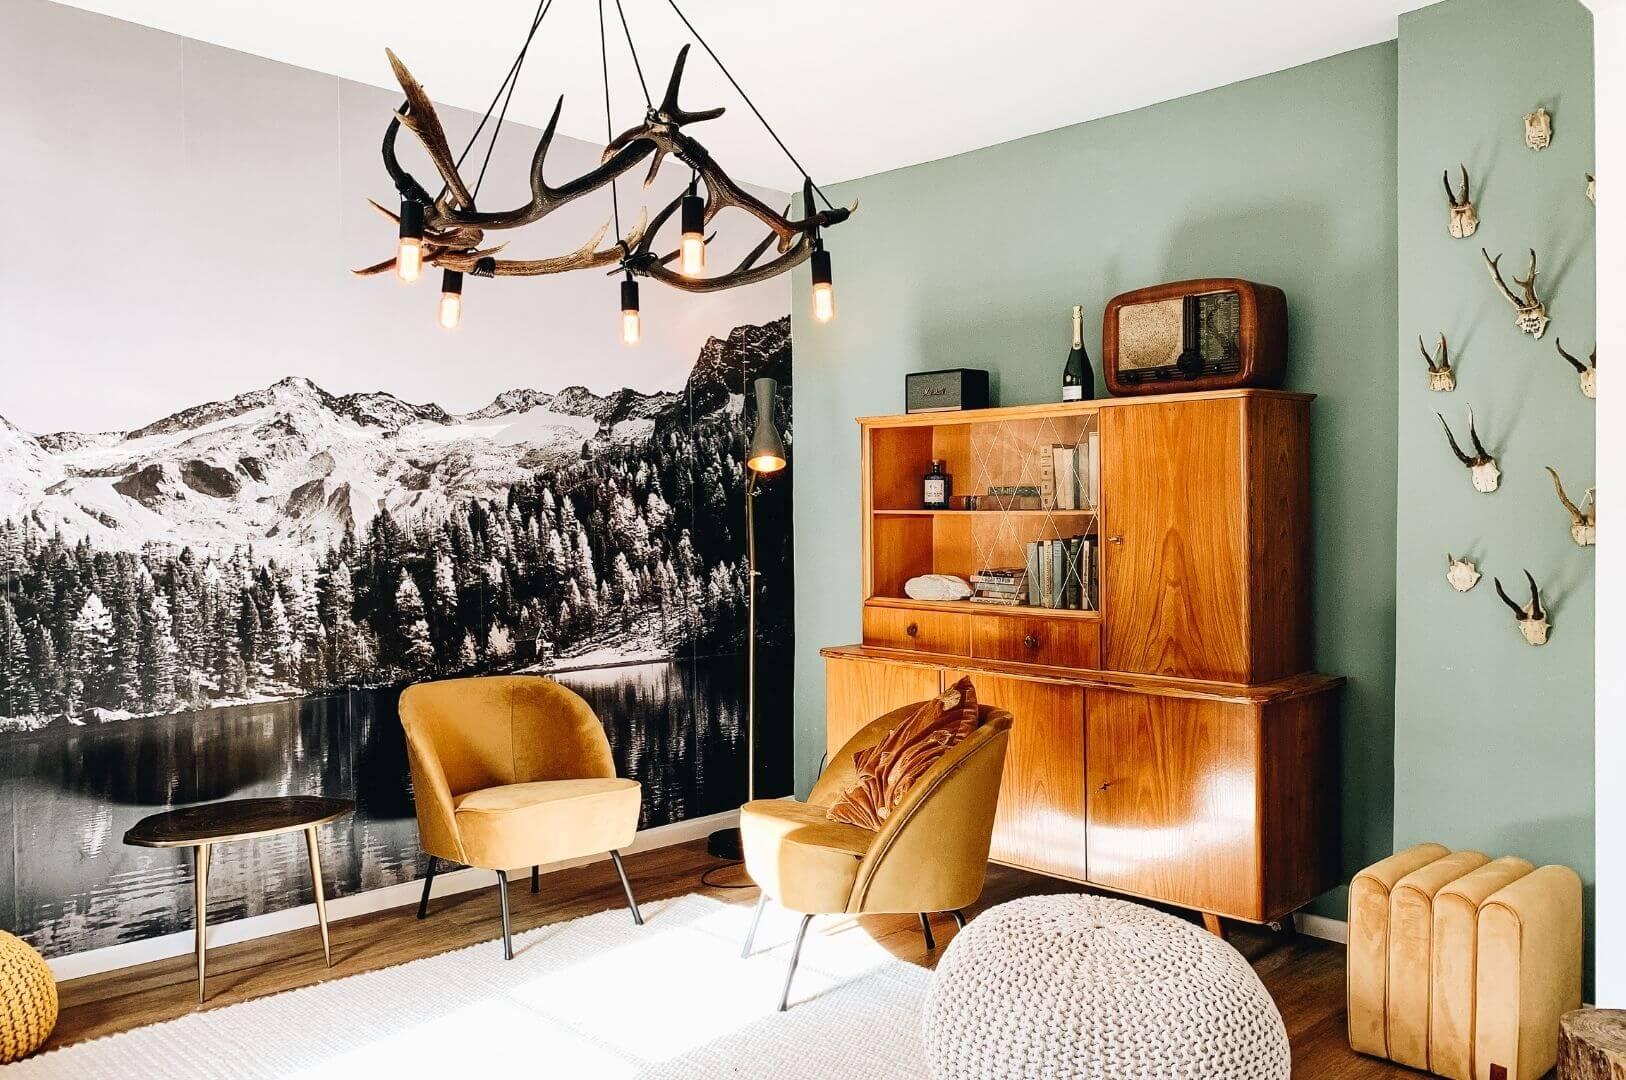 Villapparte-Villa Kraft-Villapparte Select-Unieke appartementen-Bad Gastein-Oostenrijk-moderne stuben